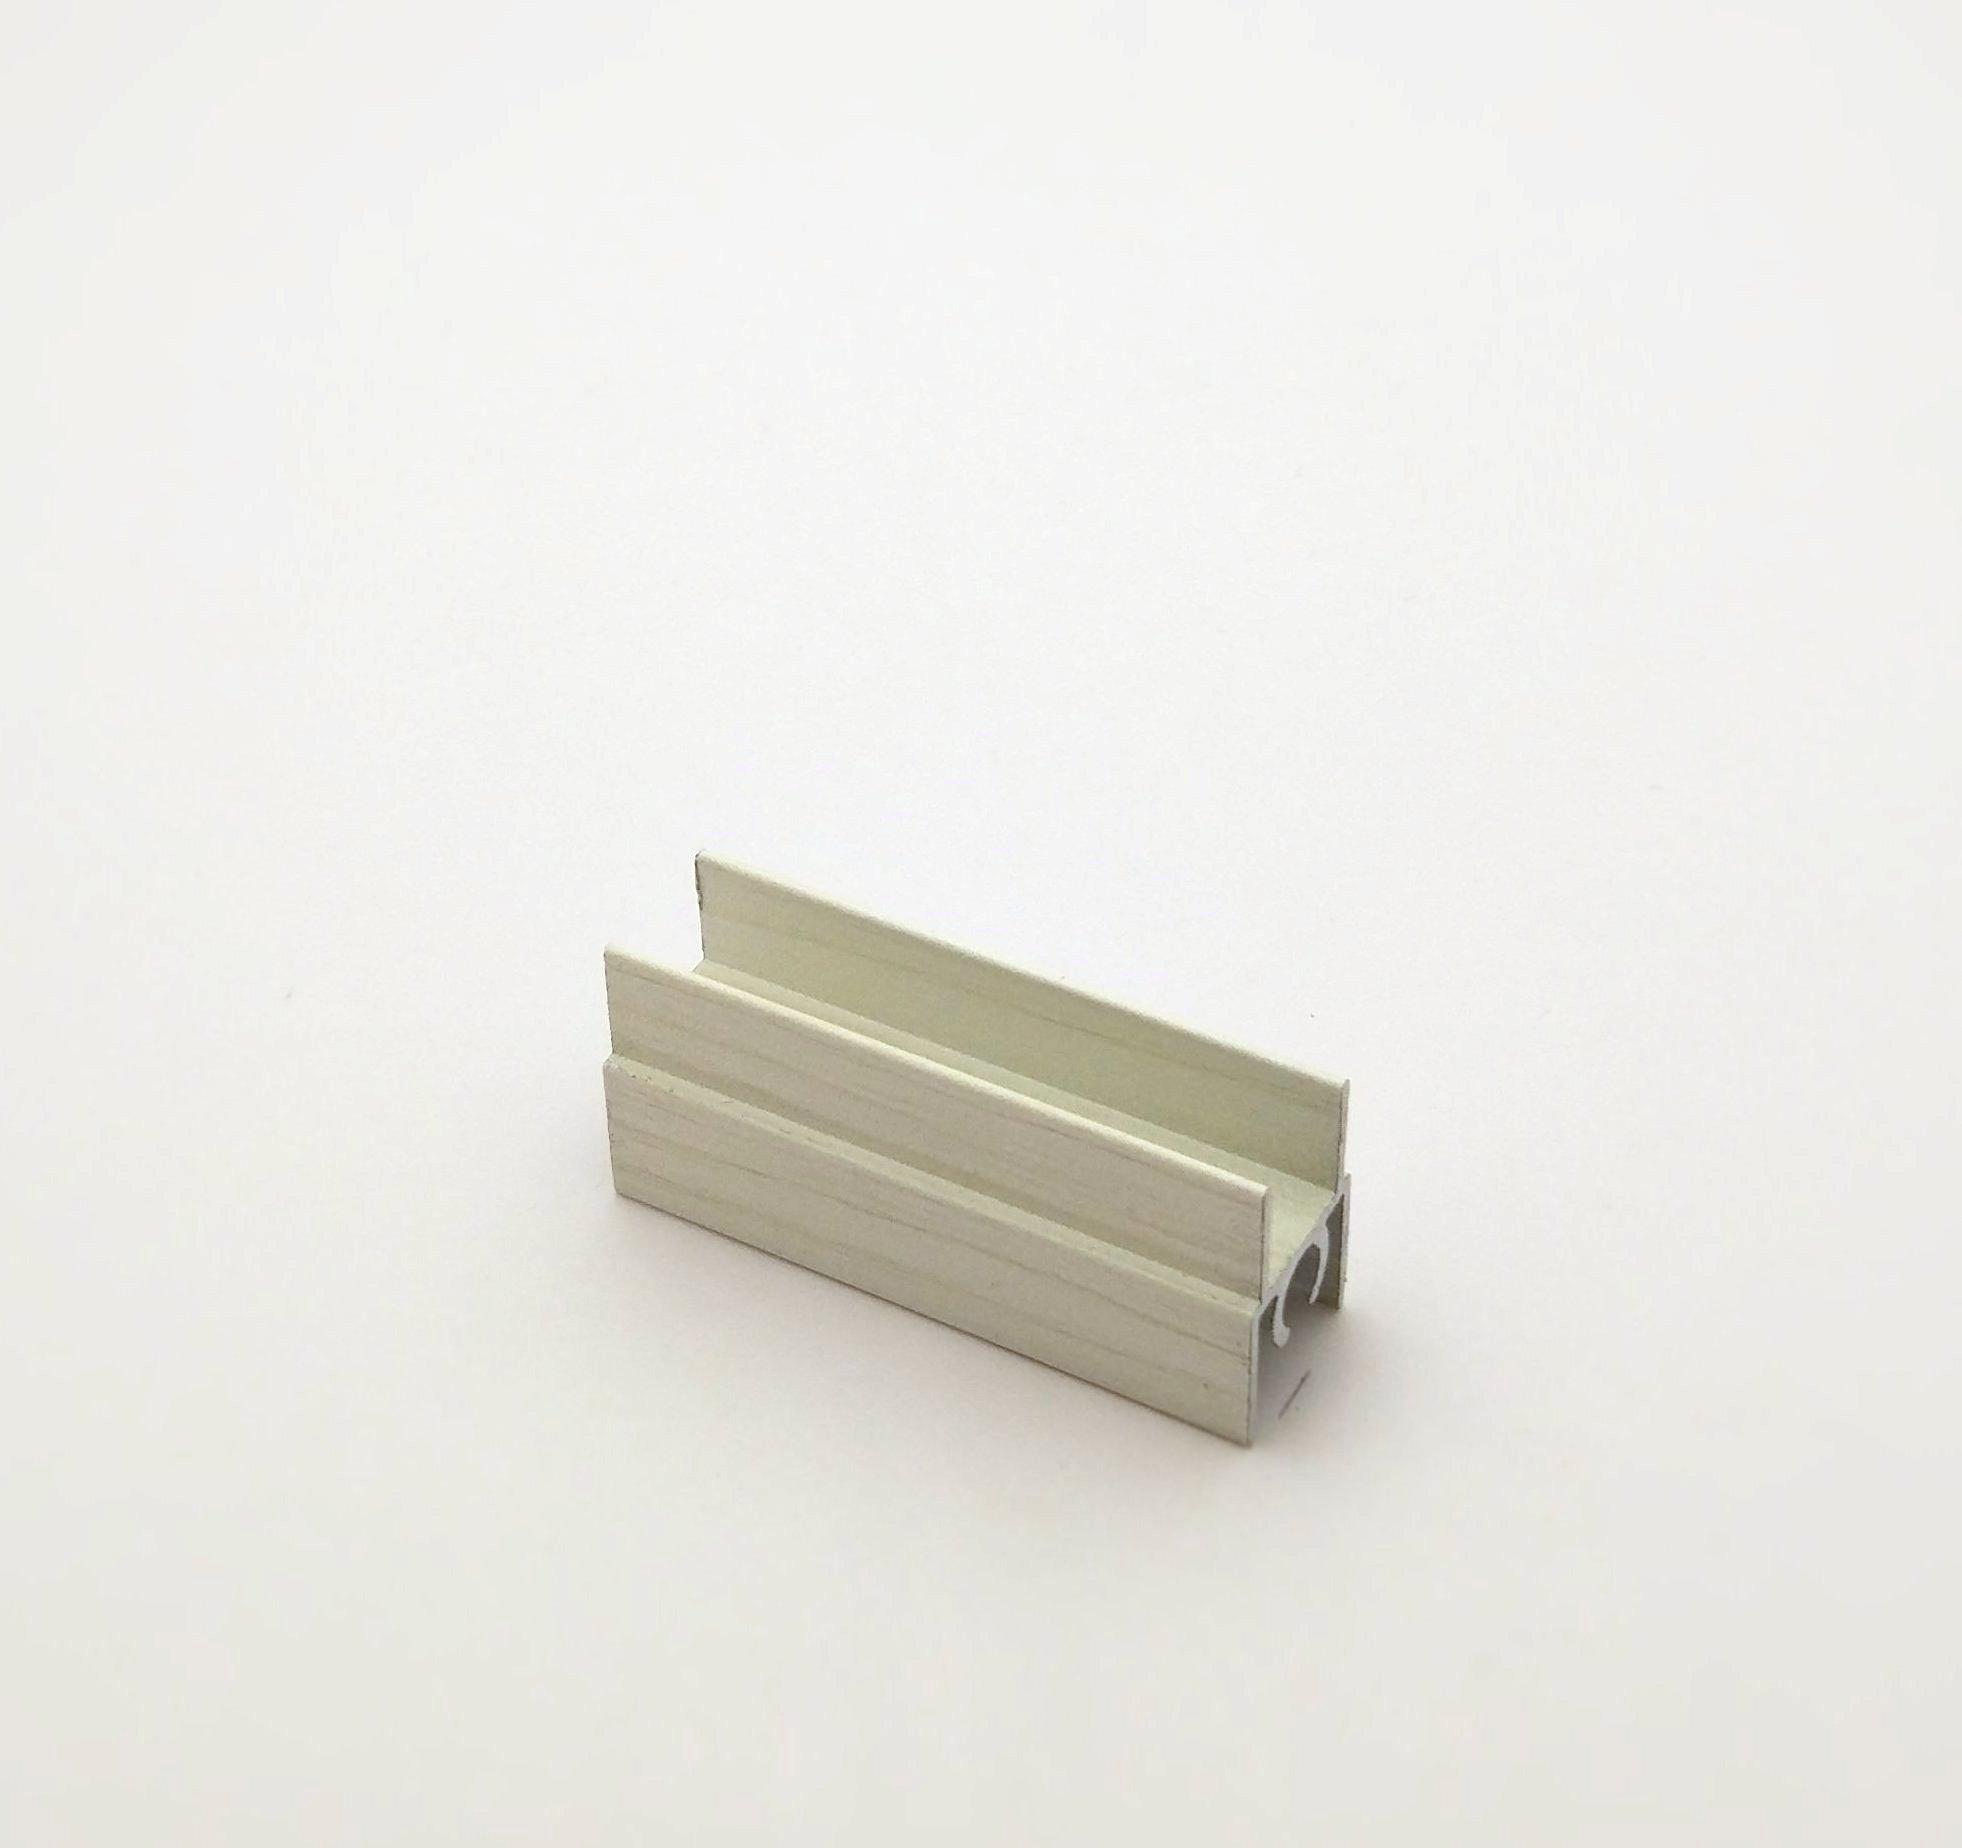 АФ Профиль горизонтальный верхний 196, береза, 6000мм